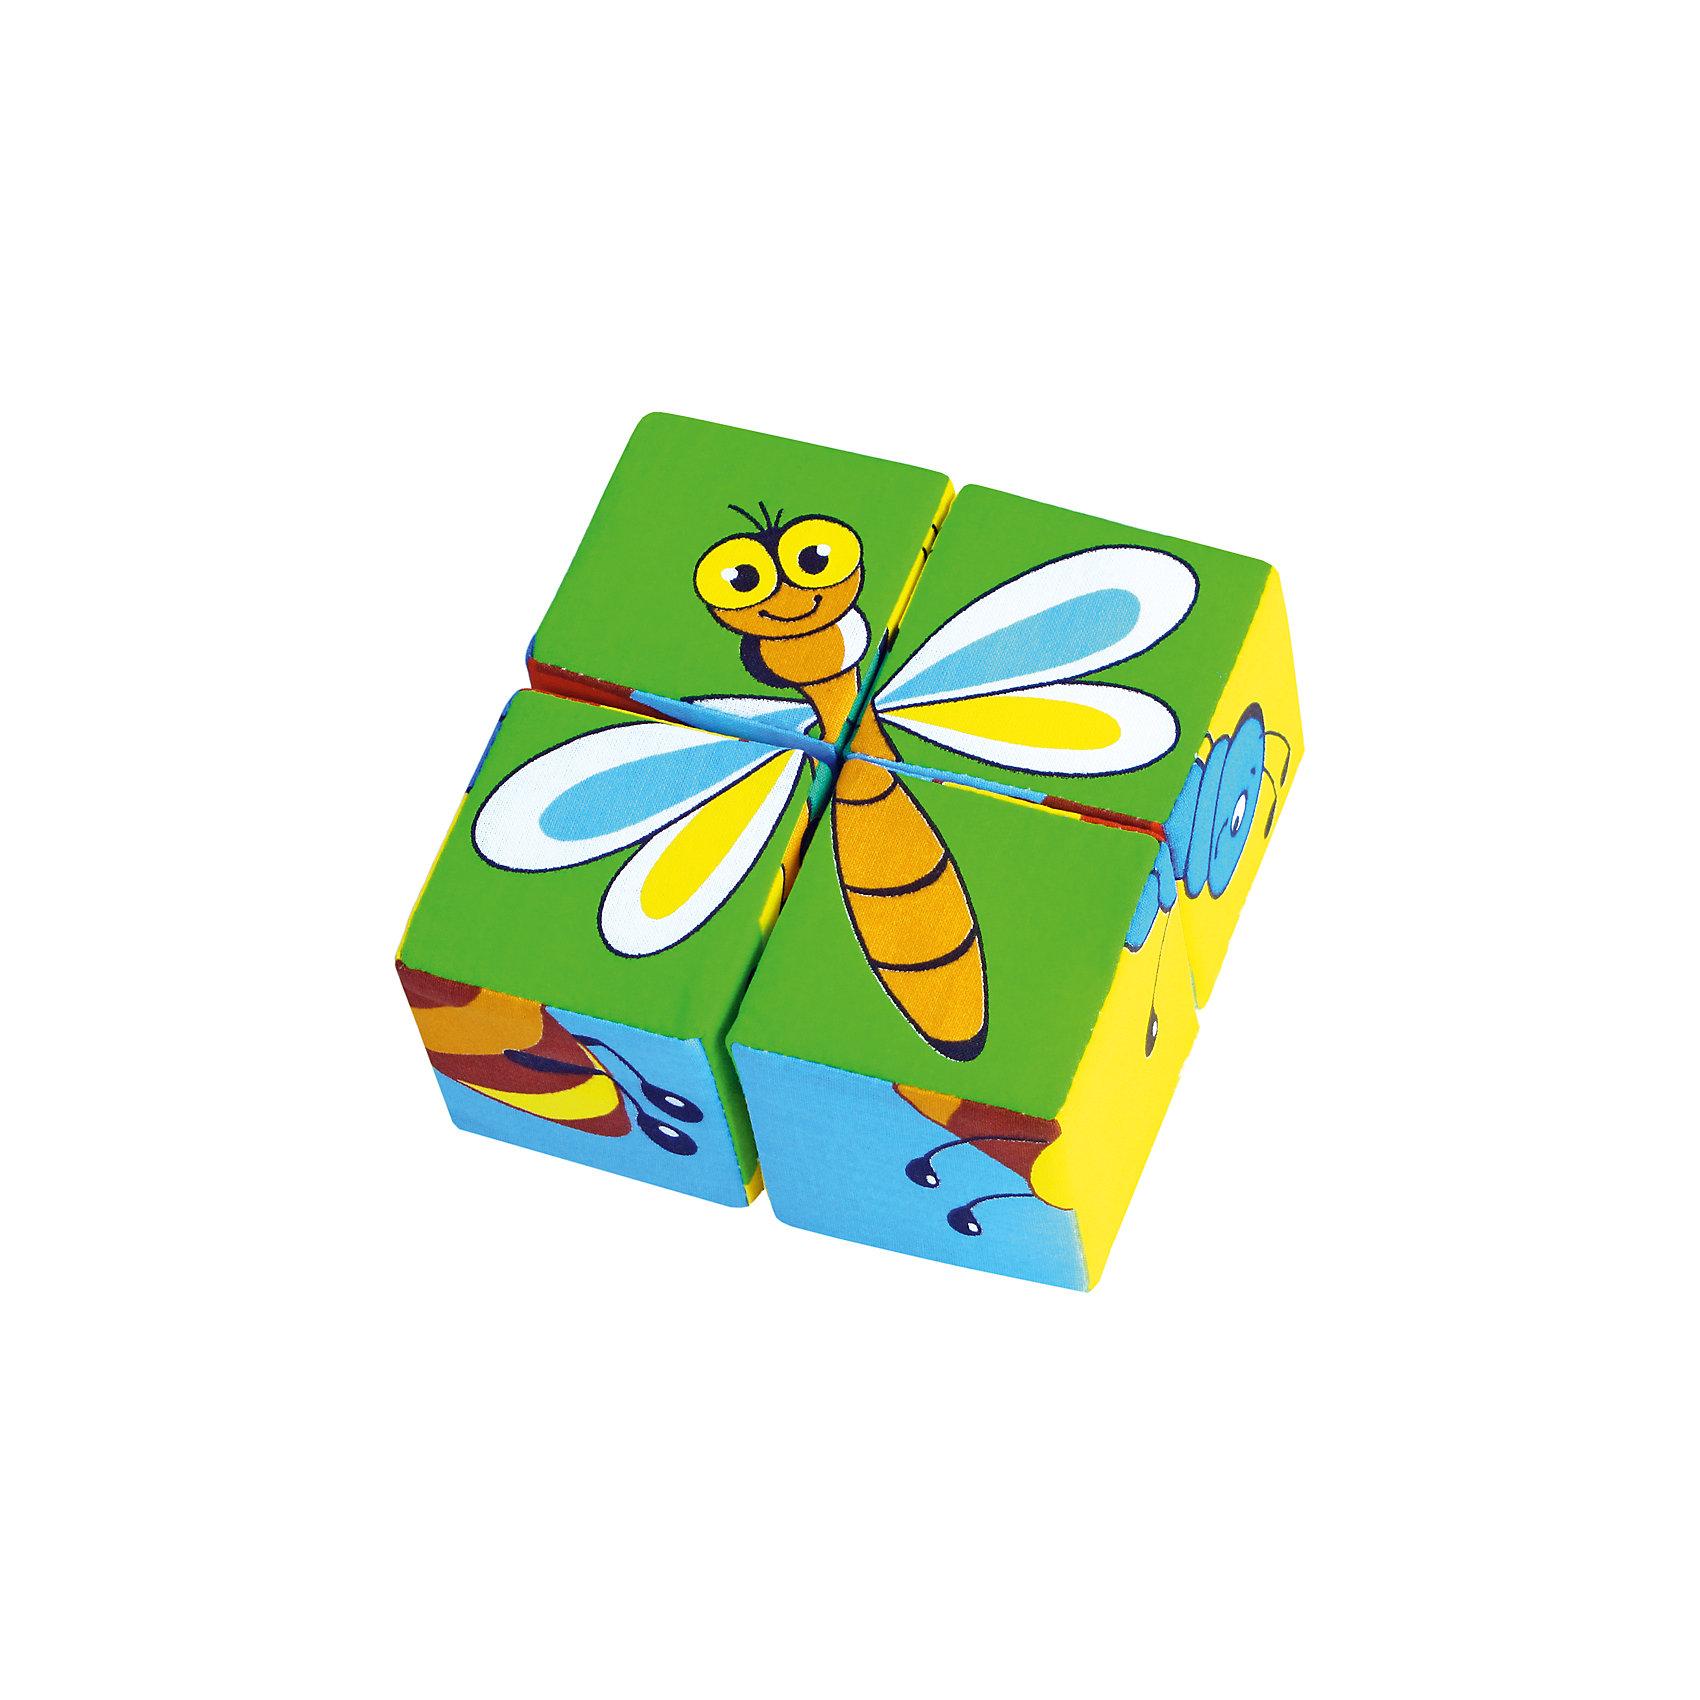 Кубики Собери картинку - насекомые, МякишиХарактеристики товара:<br><br>• материал: хлопок, поролон<br>• комплектация: 4 шт<br>• размер игрушки: 6 см<br>• можно собрать шесть насекомых<br>• развивающая игрушка<br>• упаковка: пакет<br>• страна бренда: РФ<br>• страна изготовитель: РФ<br><br>Малыши активно познают мир и тянутся к новой информации. Чтобы сделать процесс изучения окружающего пространства интереснее, ребенку можно подарить развивающие игрушки. В процессе игры информация усваивается намного лучше!<br>Такие кубики помогут занять малыша, играть ими приятно и весело. Одновременно они позволят познакомиться со многими цветами, фактурами, а также из них можно собрать шесть насекомых. Такие игрушки развивают тактильные ощущения, моторику, цветовосприятие, логику, воображение, учат фокусировать внимание. Каждое изделие абсолютно безопасно – оно создано из качественной ткани с мягким наполнителем. Игрушки производятся из качественных и проверенных материалов, которые безопасны для детей.<br><br>Кубики Собери картинку - насекомые от бренда Мякиши можно купить в нашем интернет-магазине.<br><br>Ширина мм: 120<br>Глубина мм: 60<br>Высота мм: 120<br>Вес г: 80<br>Возраст от месяцев: 12<br>Возраст до месяцев: 36<br>Пол: Унисекс<br>Возраст: Детский<br>SKU: 5183191